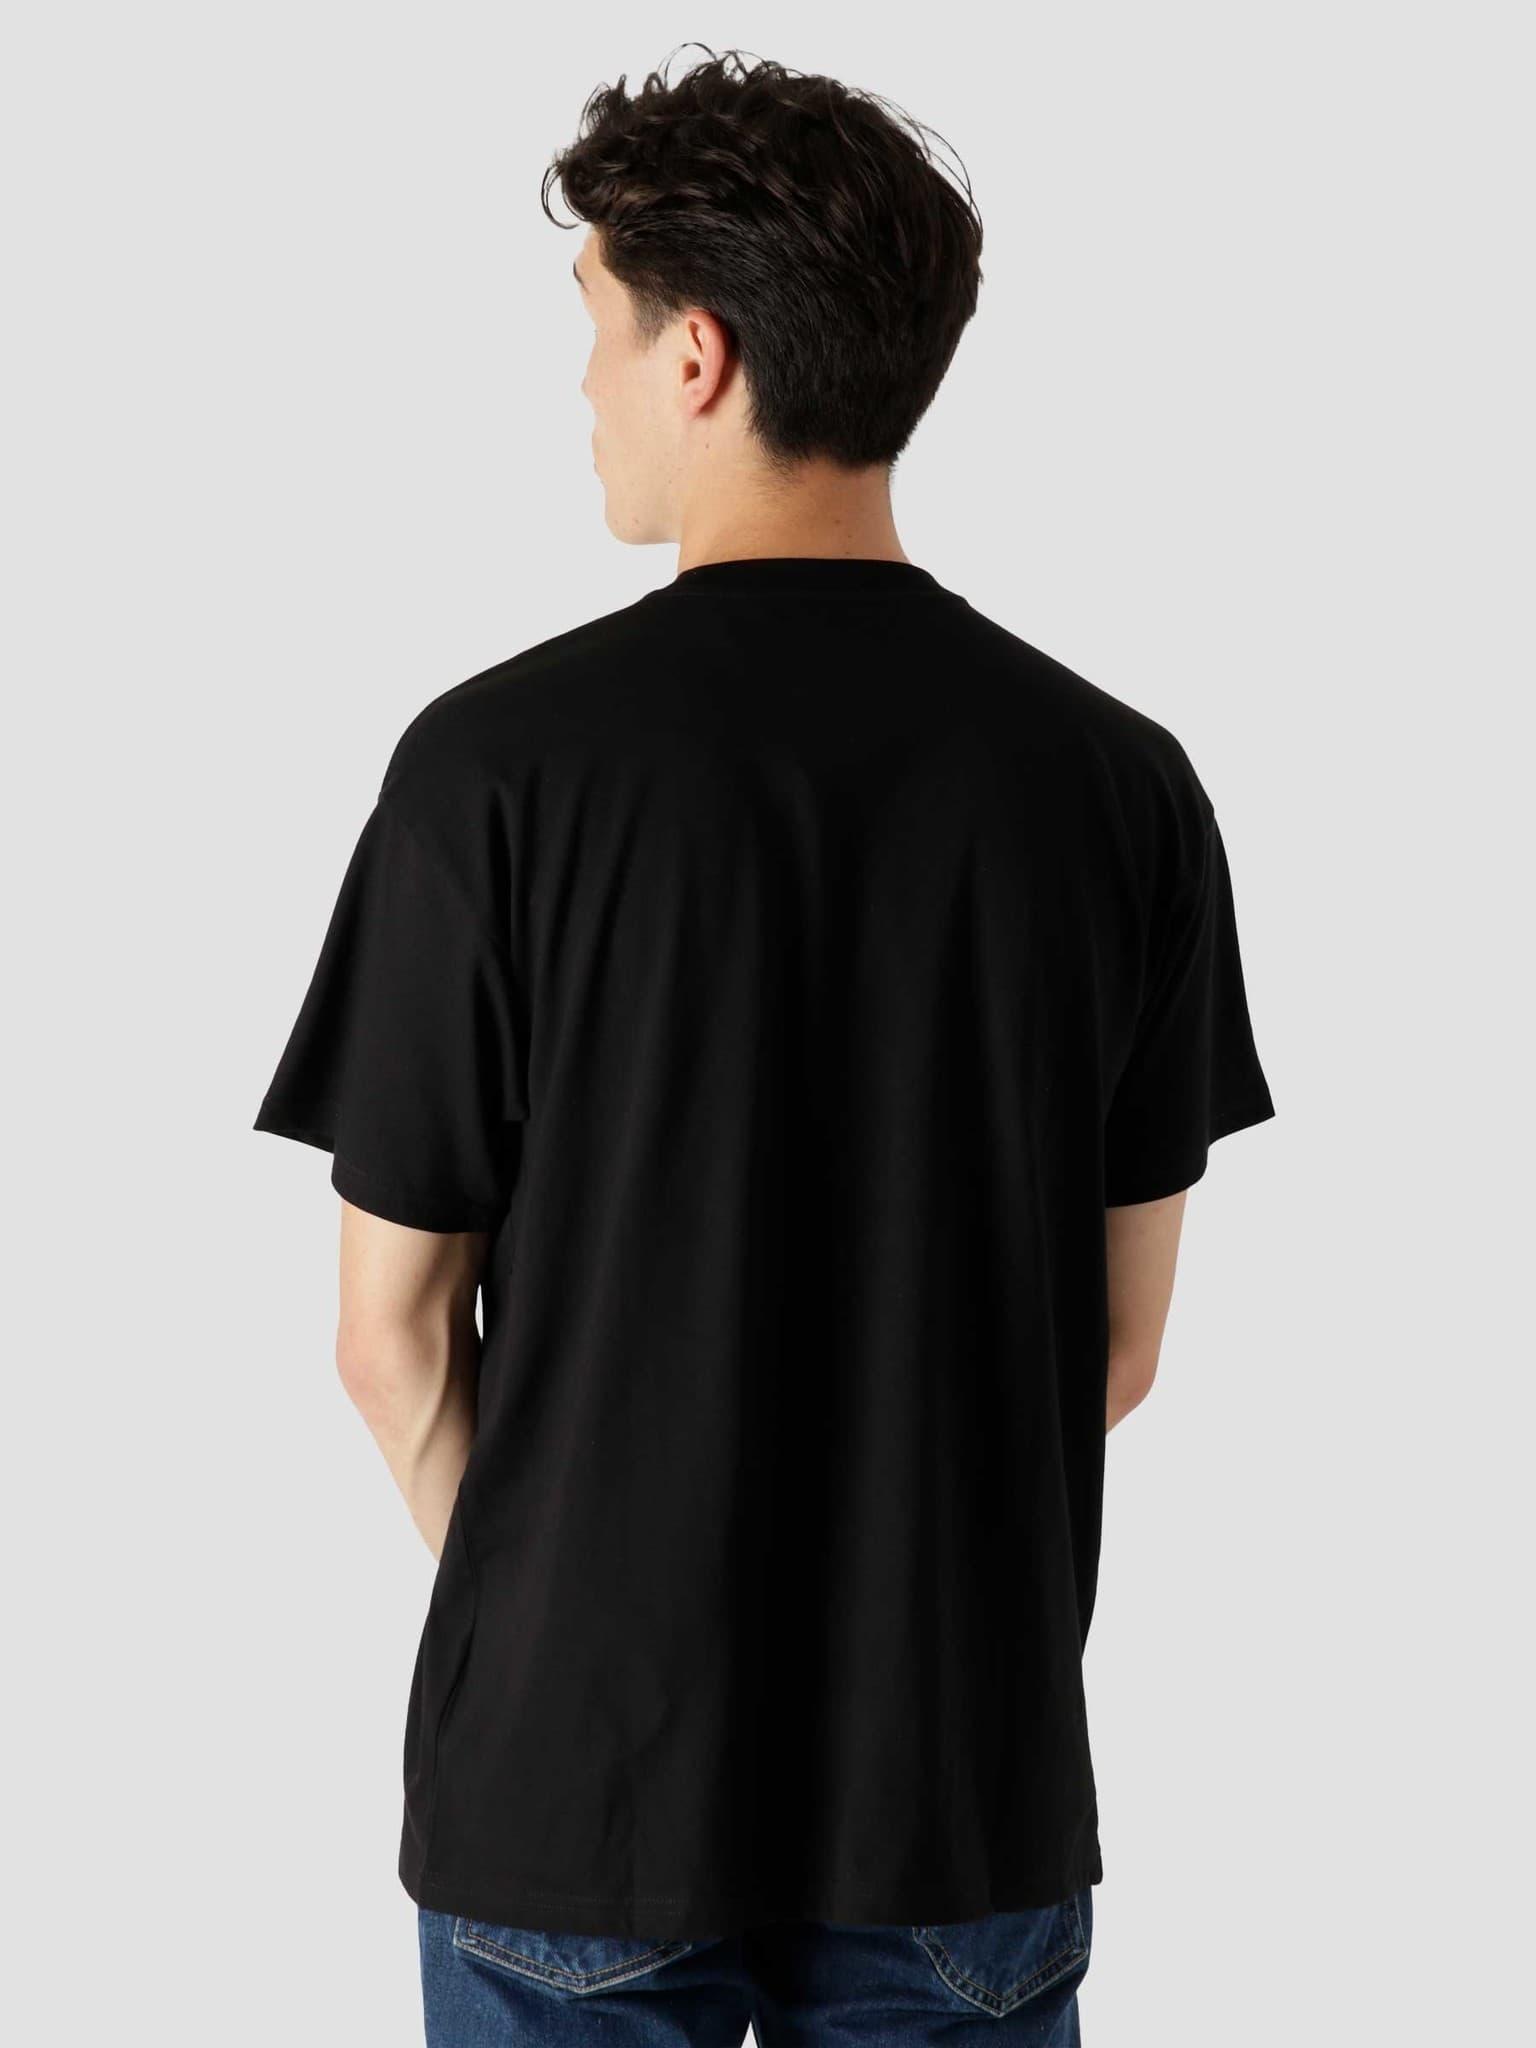 Chocolate Bar T-Shirt Black I029620